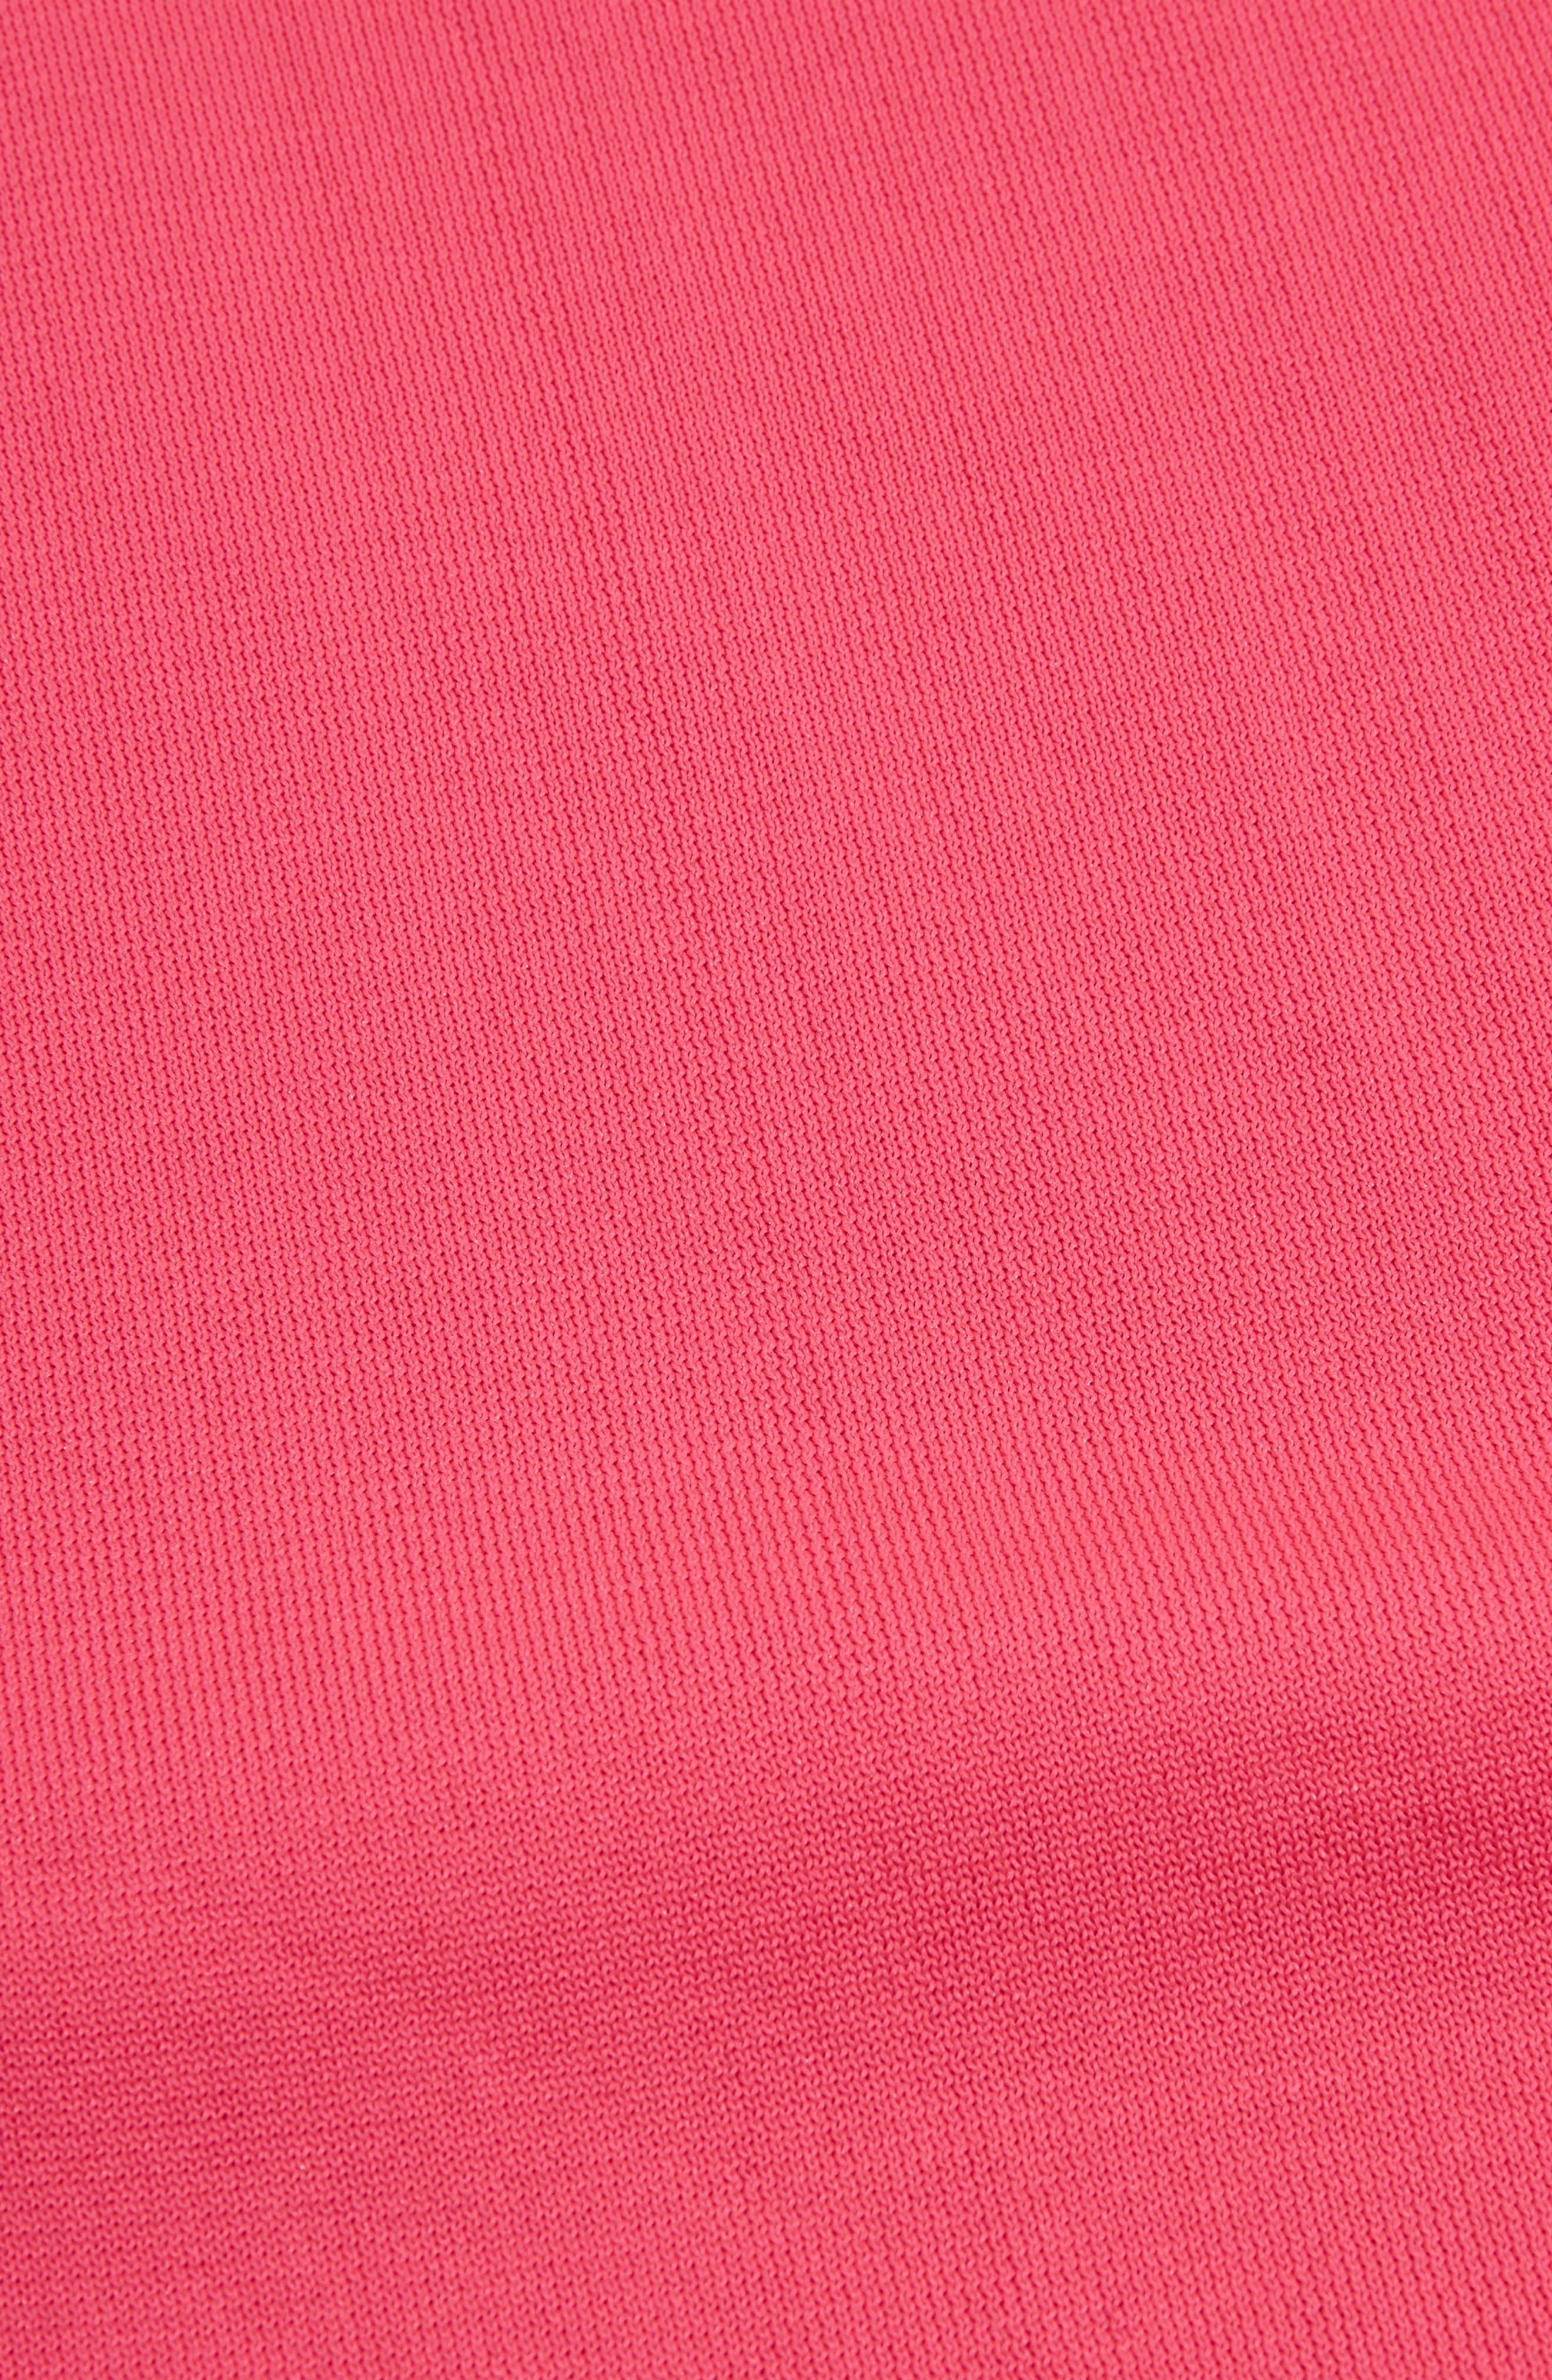 V-Neck Sweater,                             Alternate thumbnail 2, color,                             680